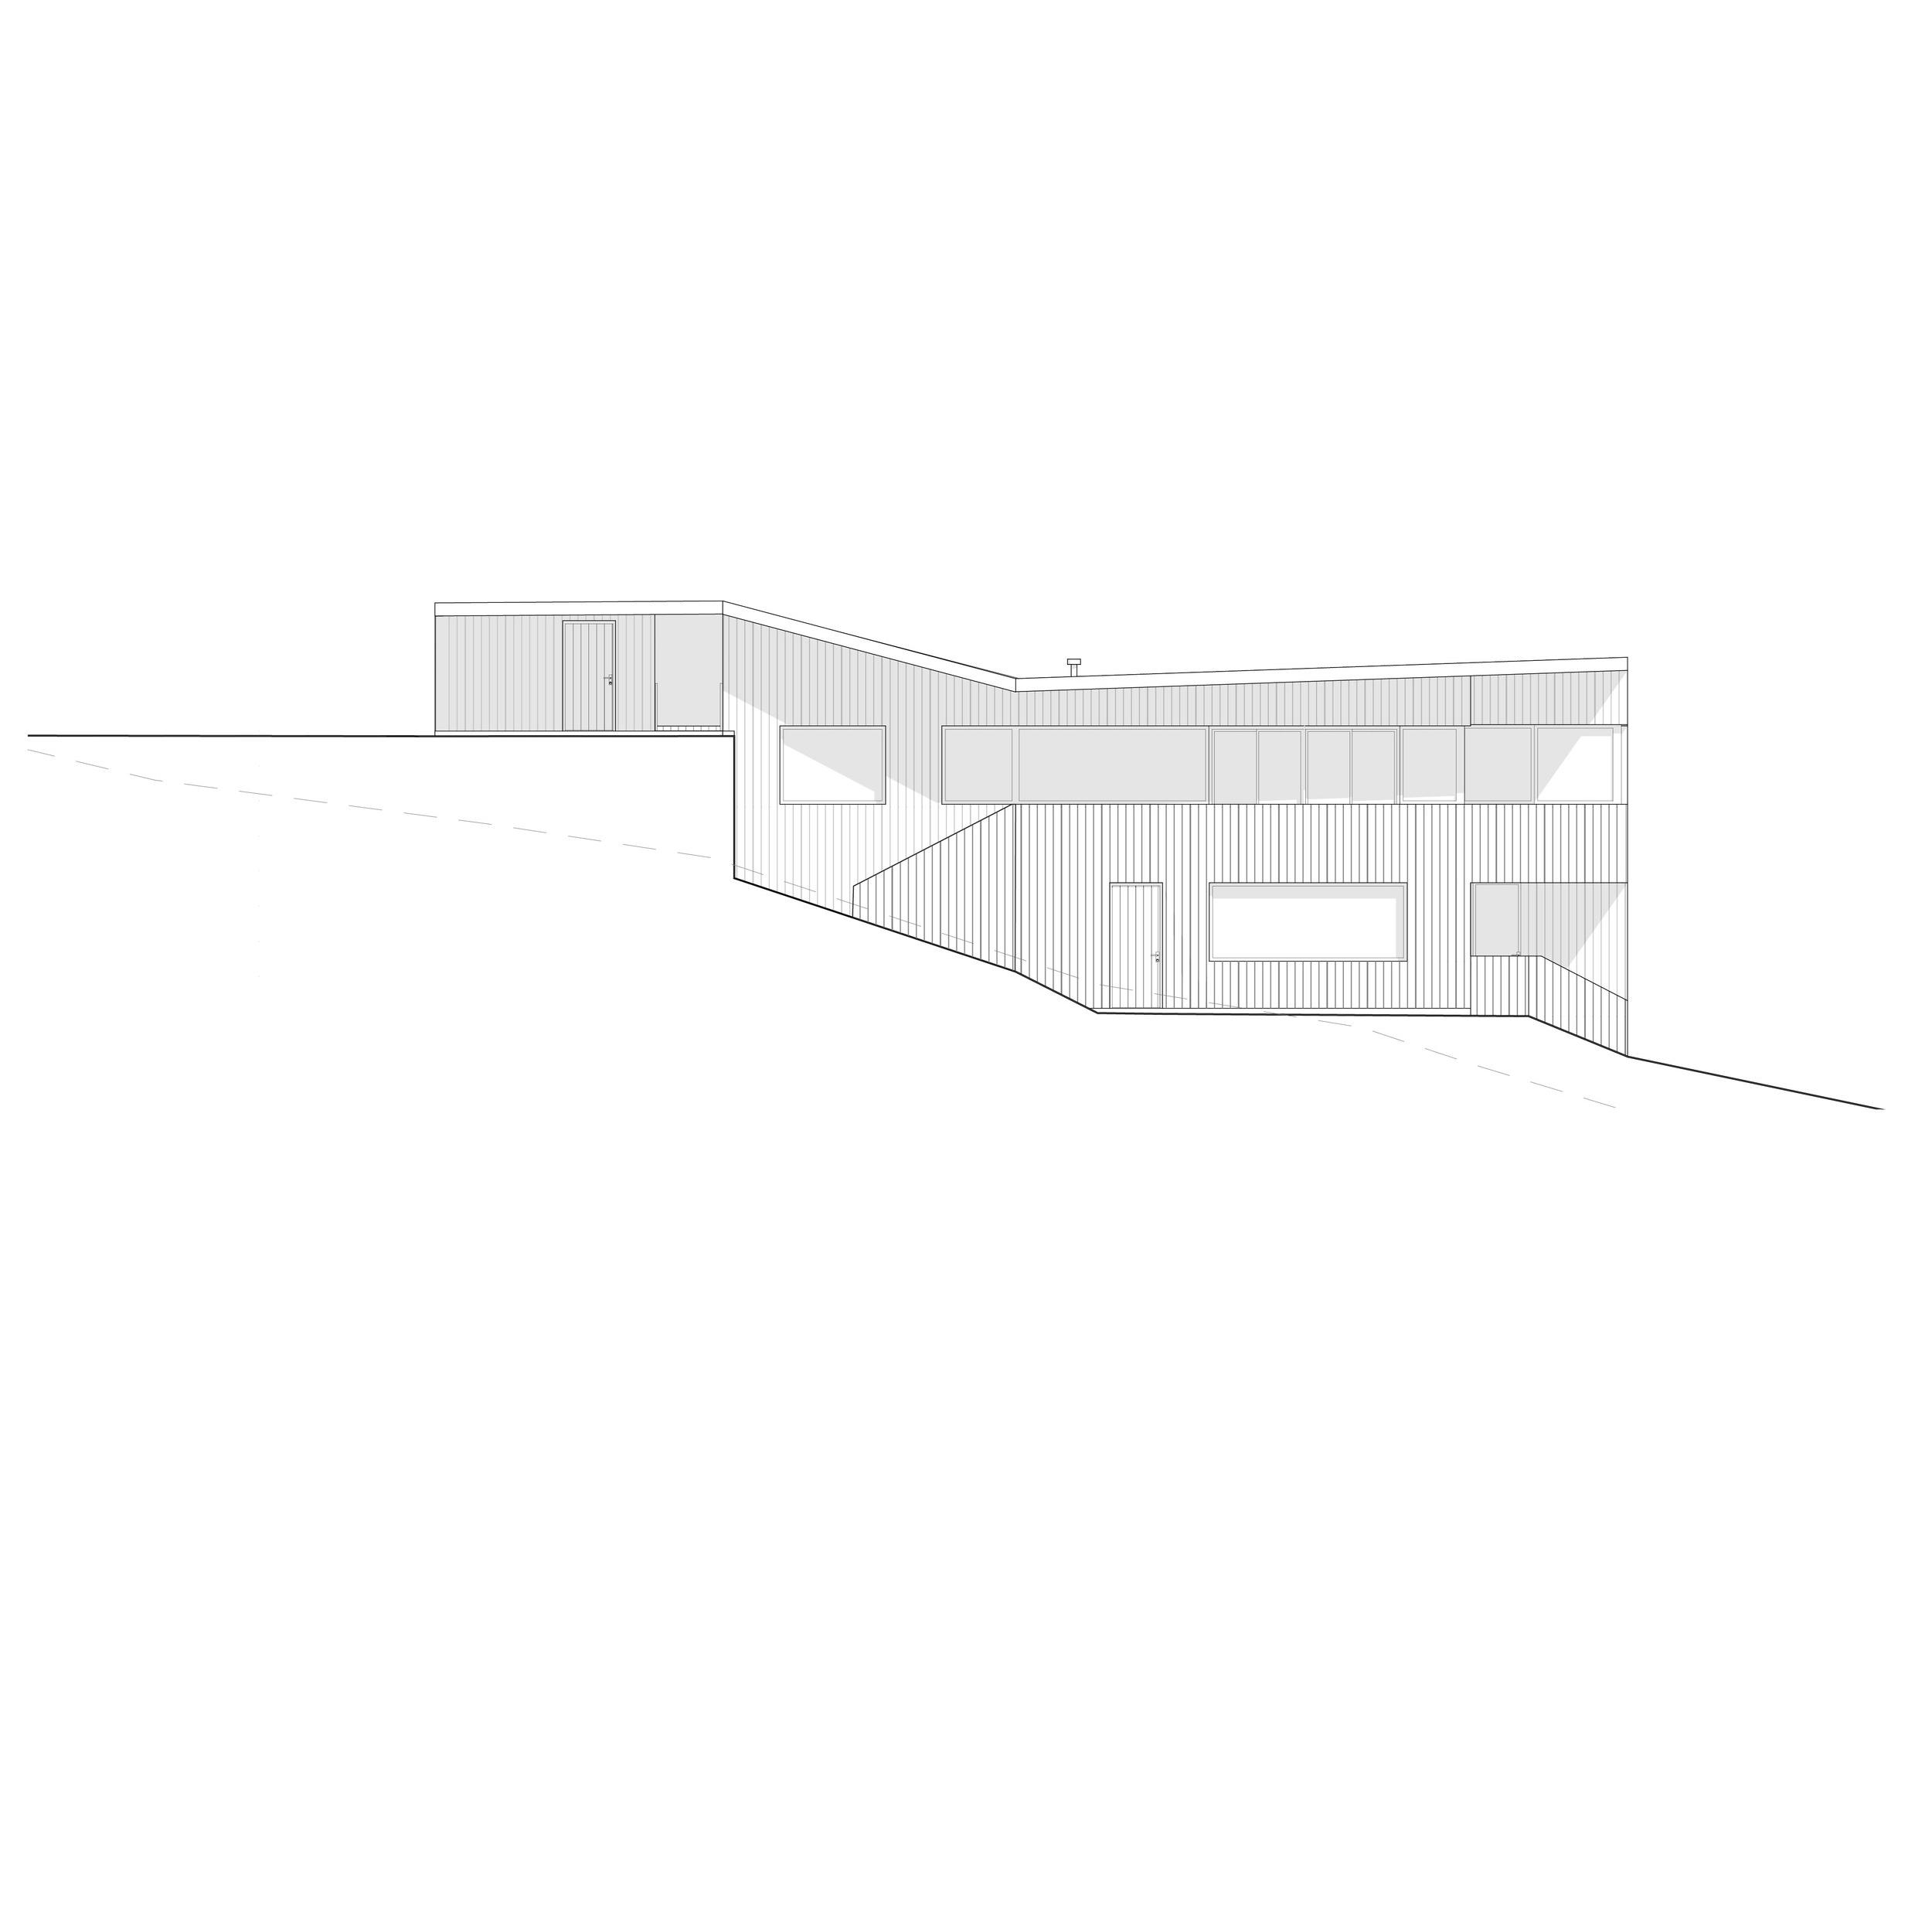 104604272_Tegning_ny_fasade2.jpg